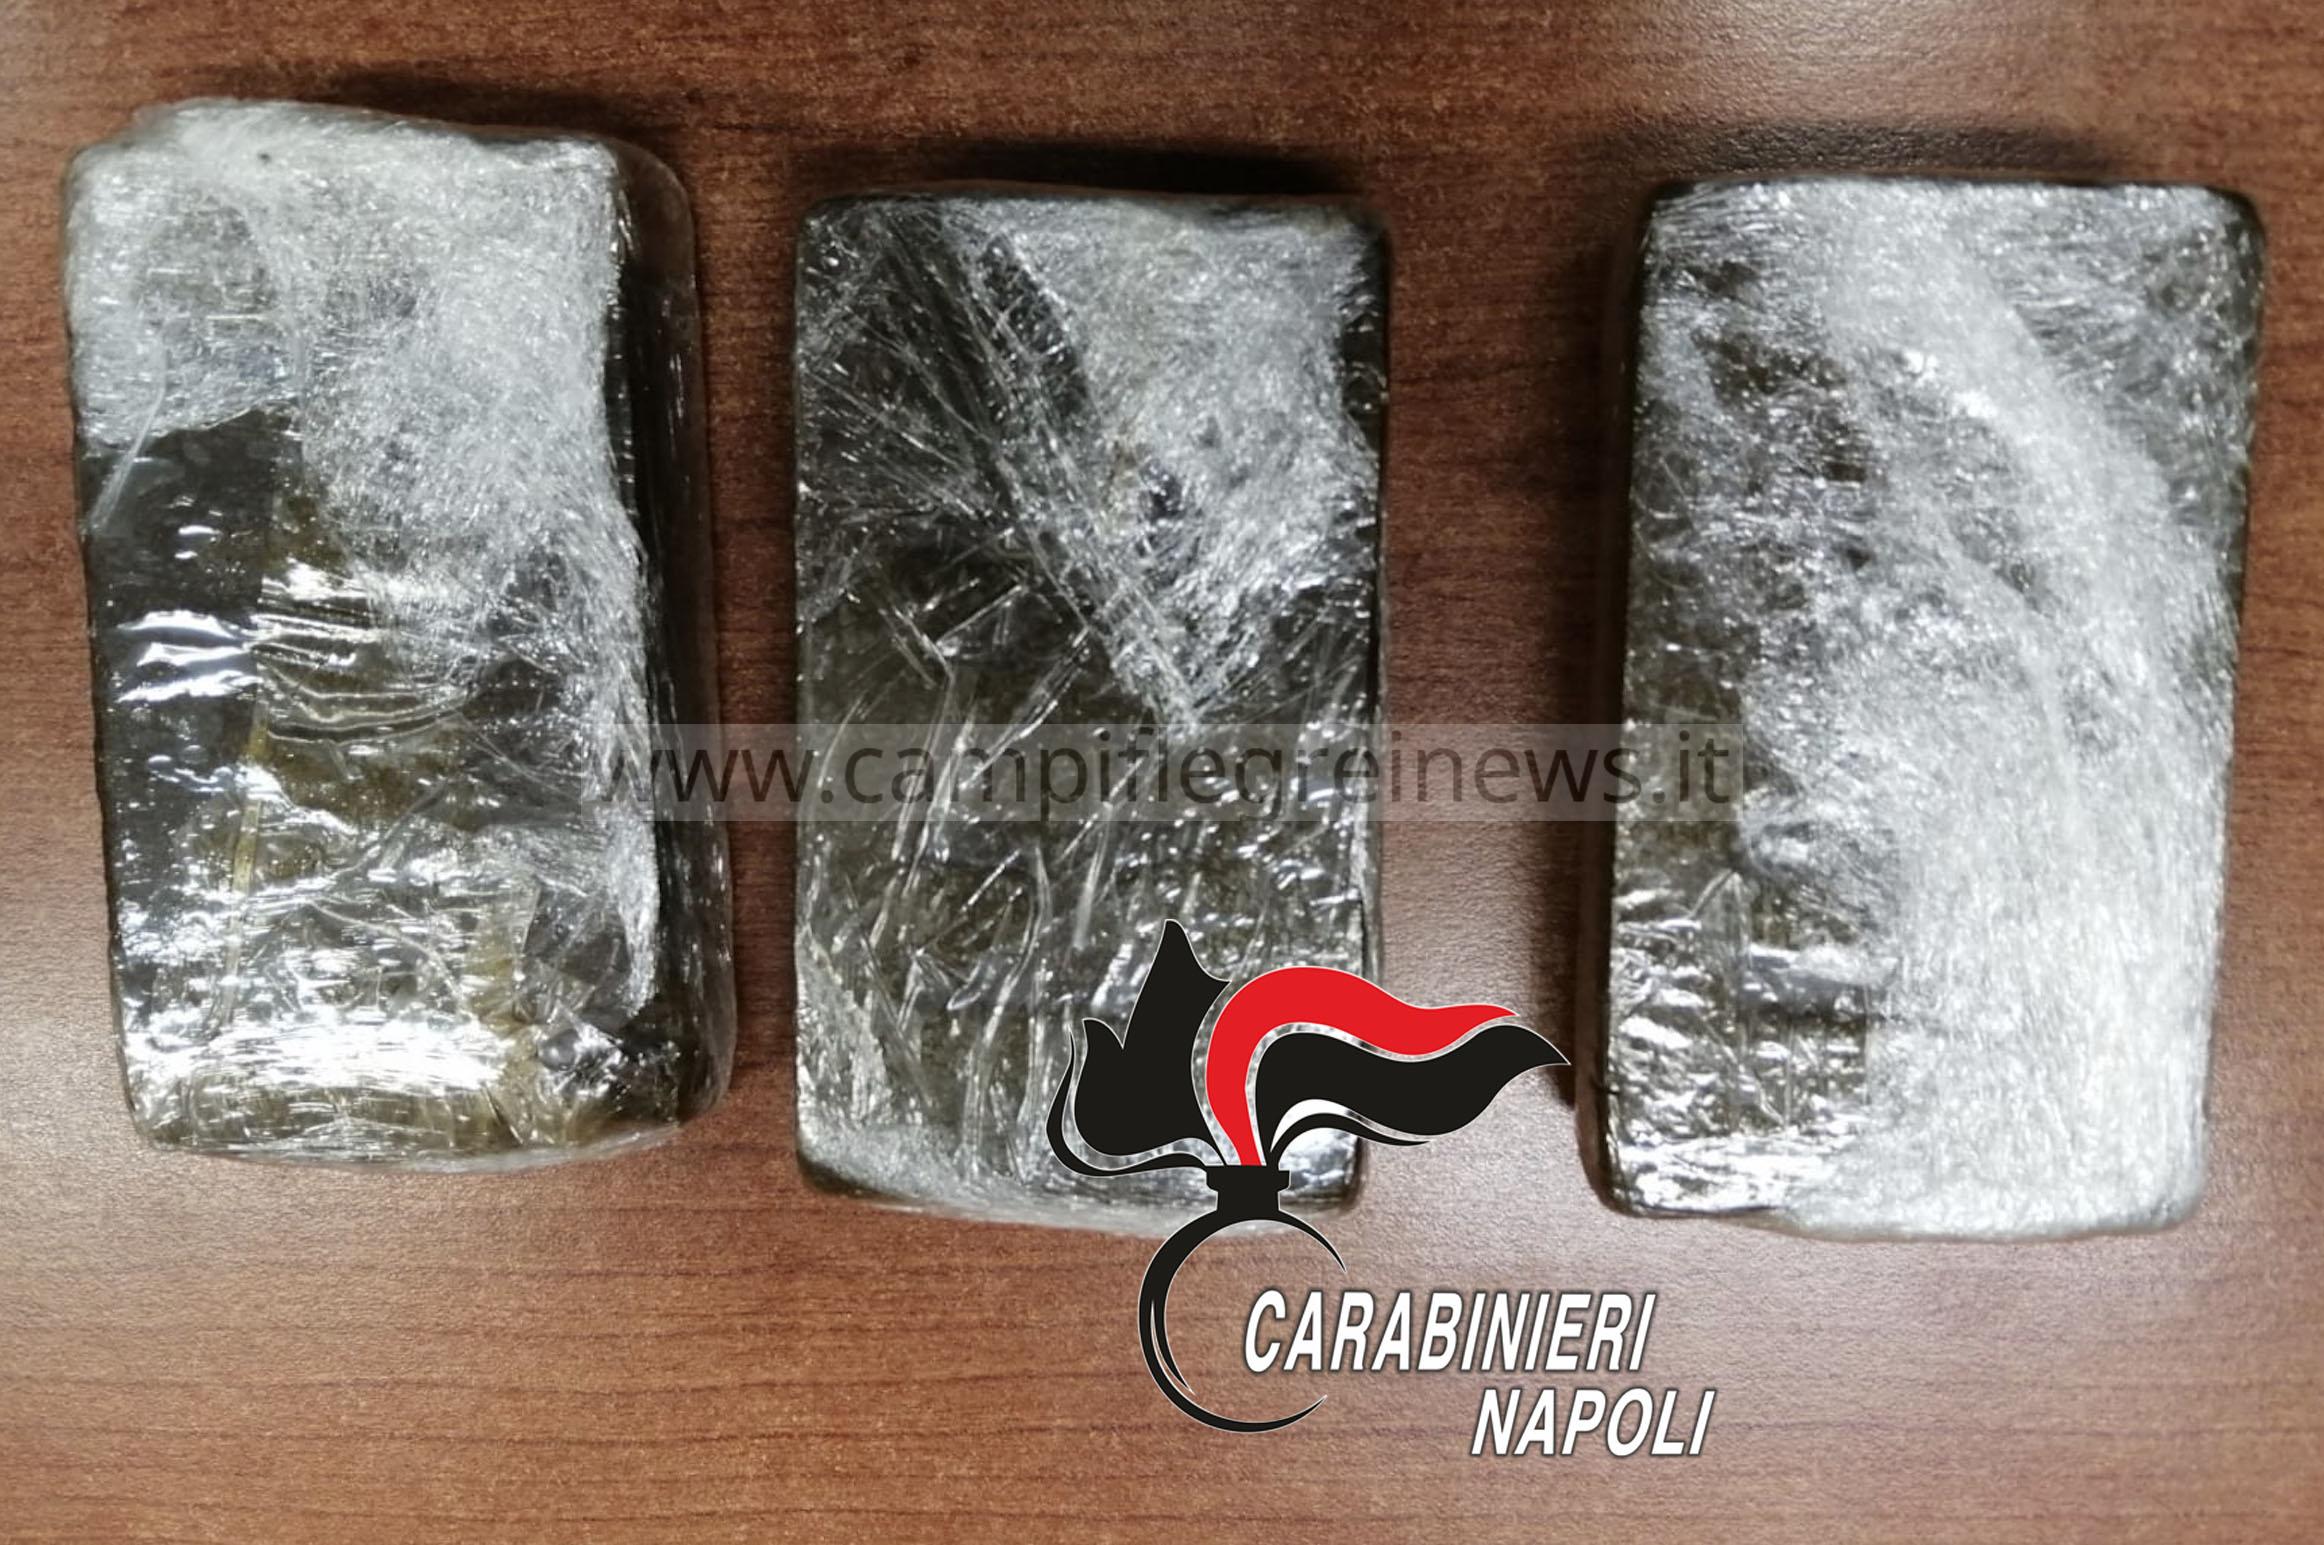 Tre panetti di hashish nascosti nelle mutande, arrestato un 27enne